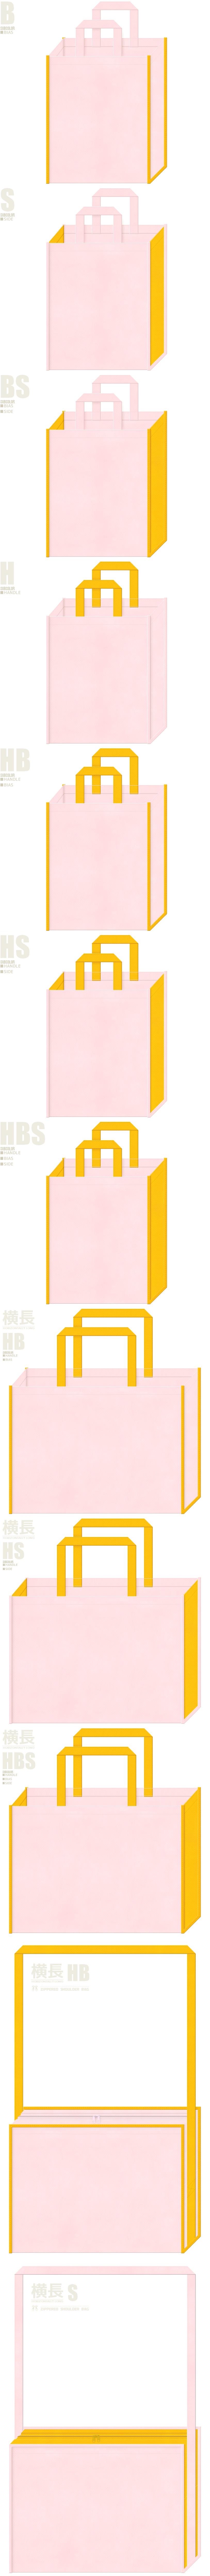 絵本・おとぎ話・月・星・エンジェル・ピエロ・プリンセス・おもちゃの兵隊・楽団・テーマパーク・菜の花・たまご・ひよこ・保育・通園バッグ・キッズイベント・ガーリーデザインにお奨めの不織布バッグデザイン:桜色と黄色の配色7パターン。